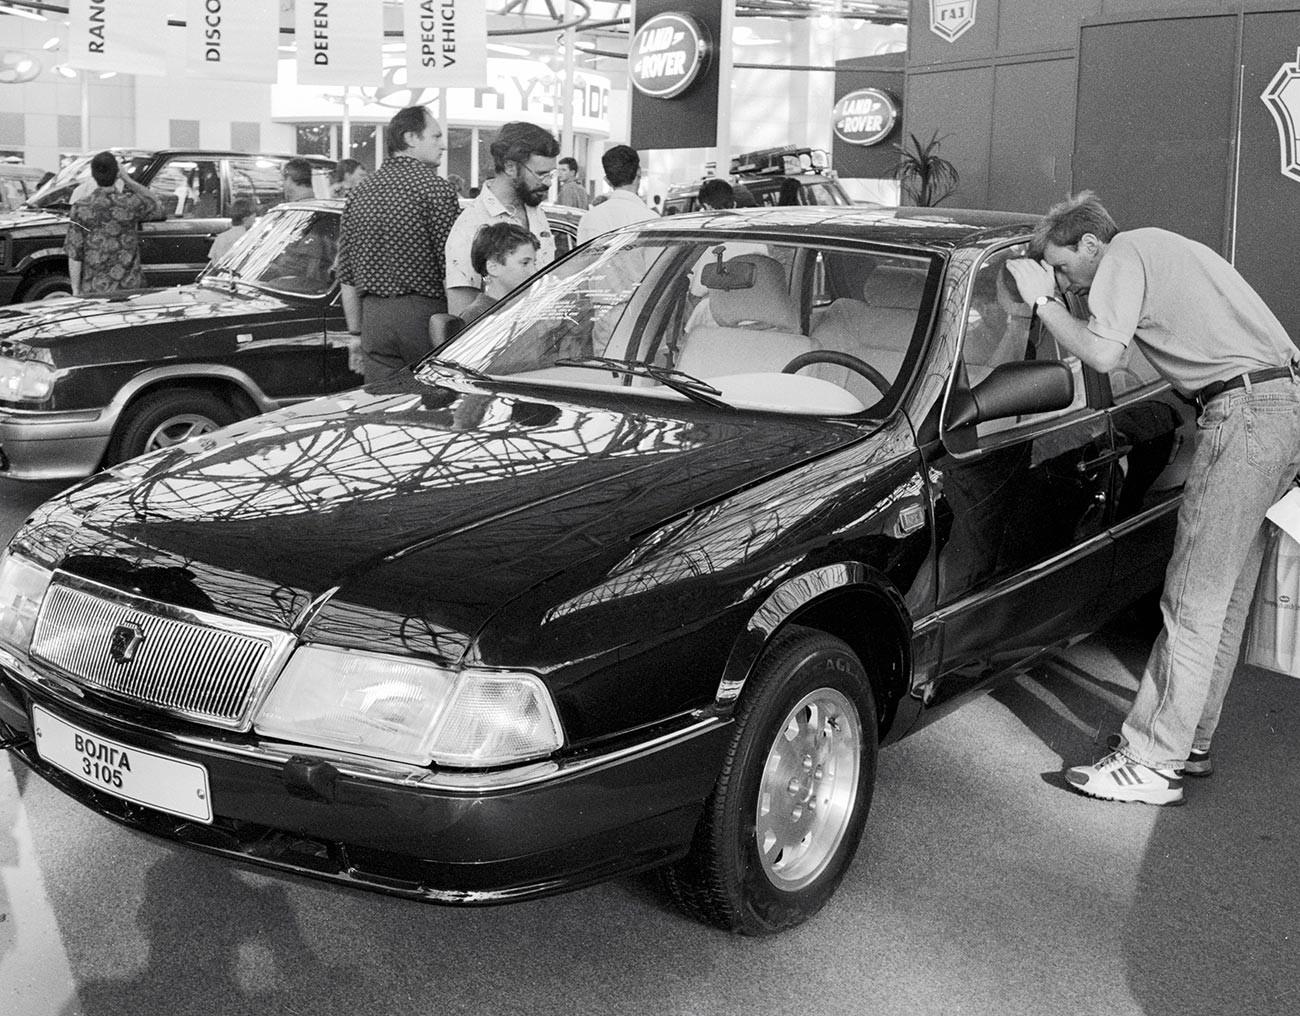 """Посетиоци Међународне изложбе аутомобила 1995. разгледају аутомобил ГАЗ-3105 """"Волга""""."""